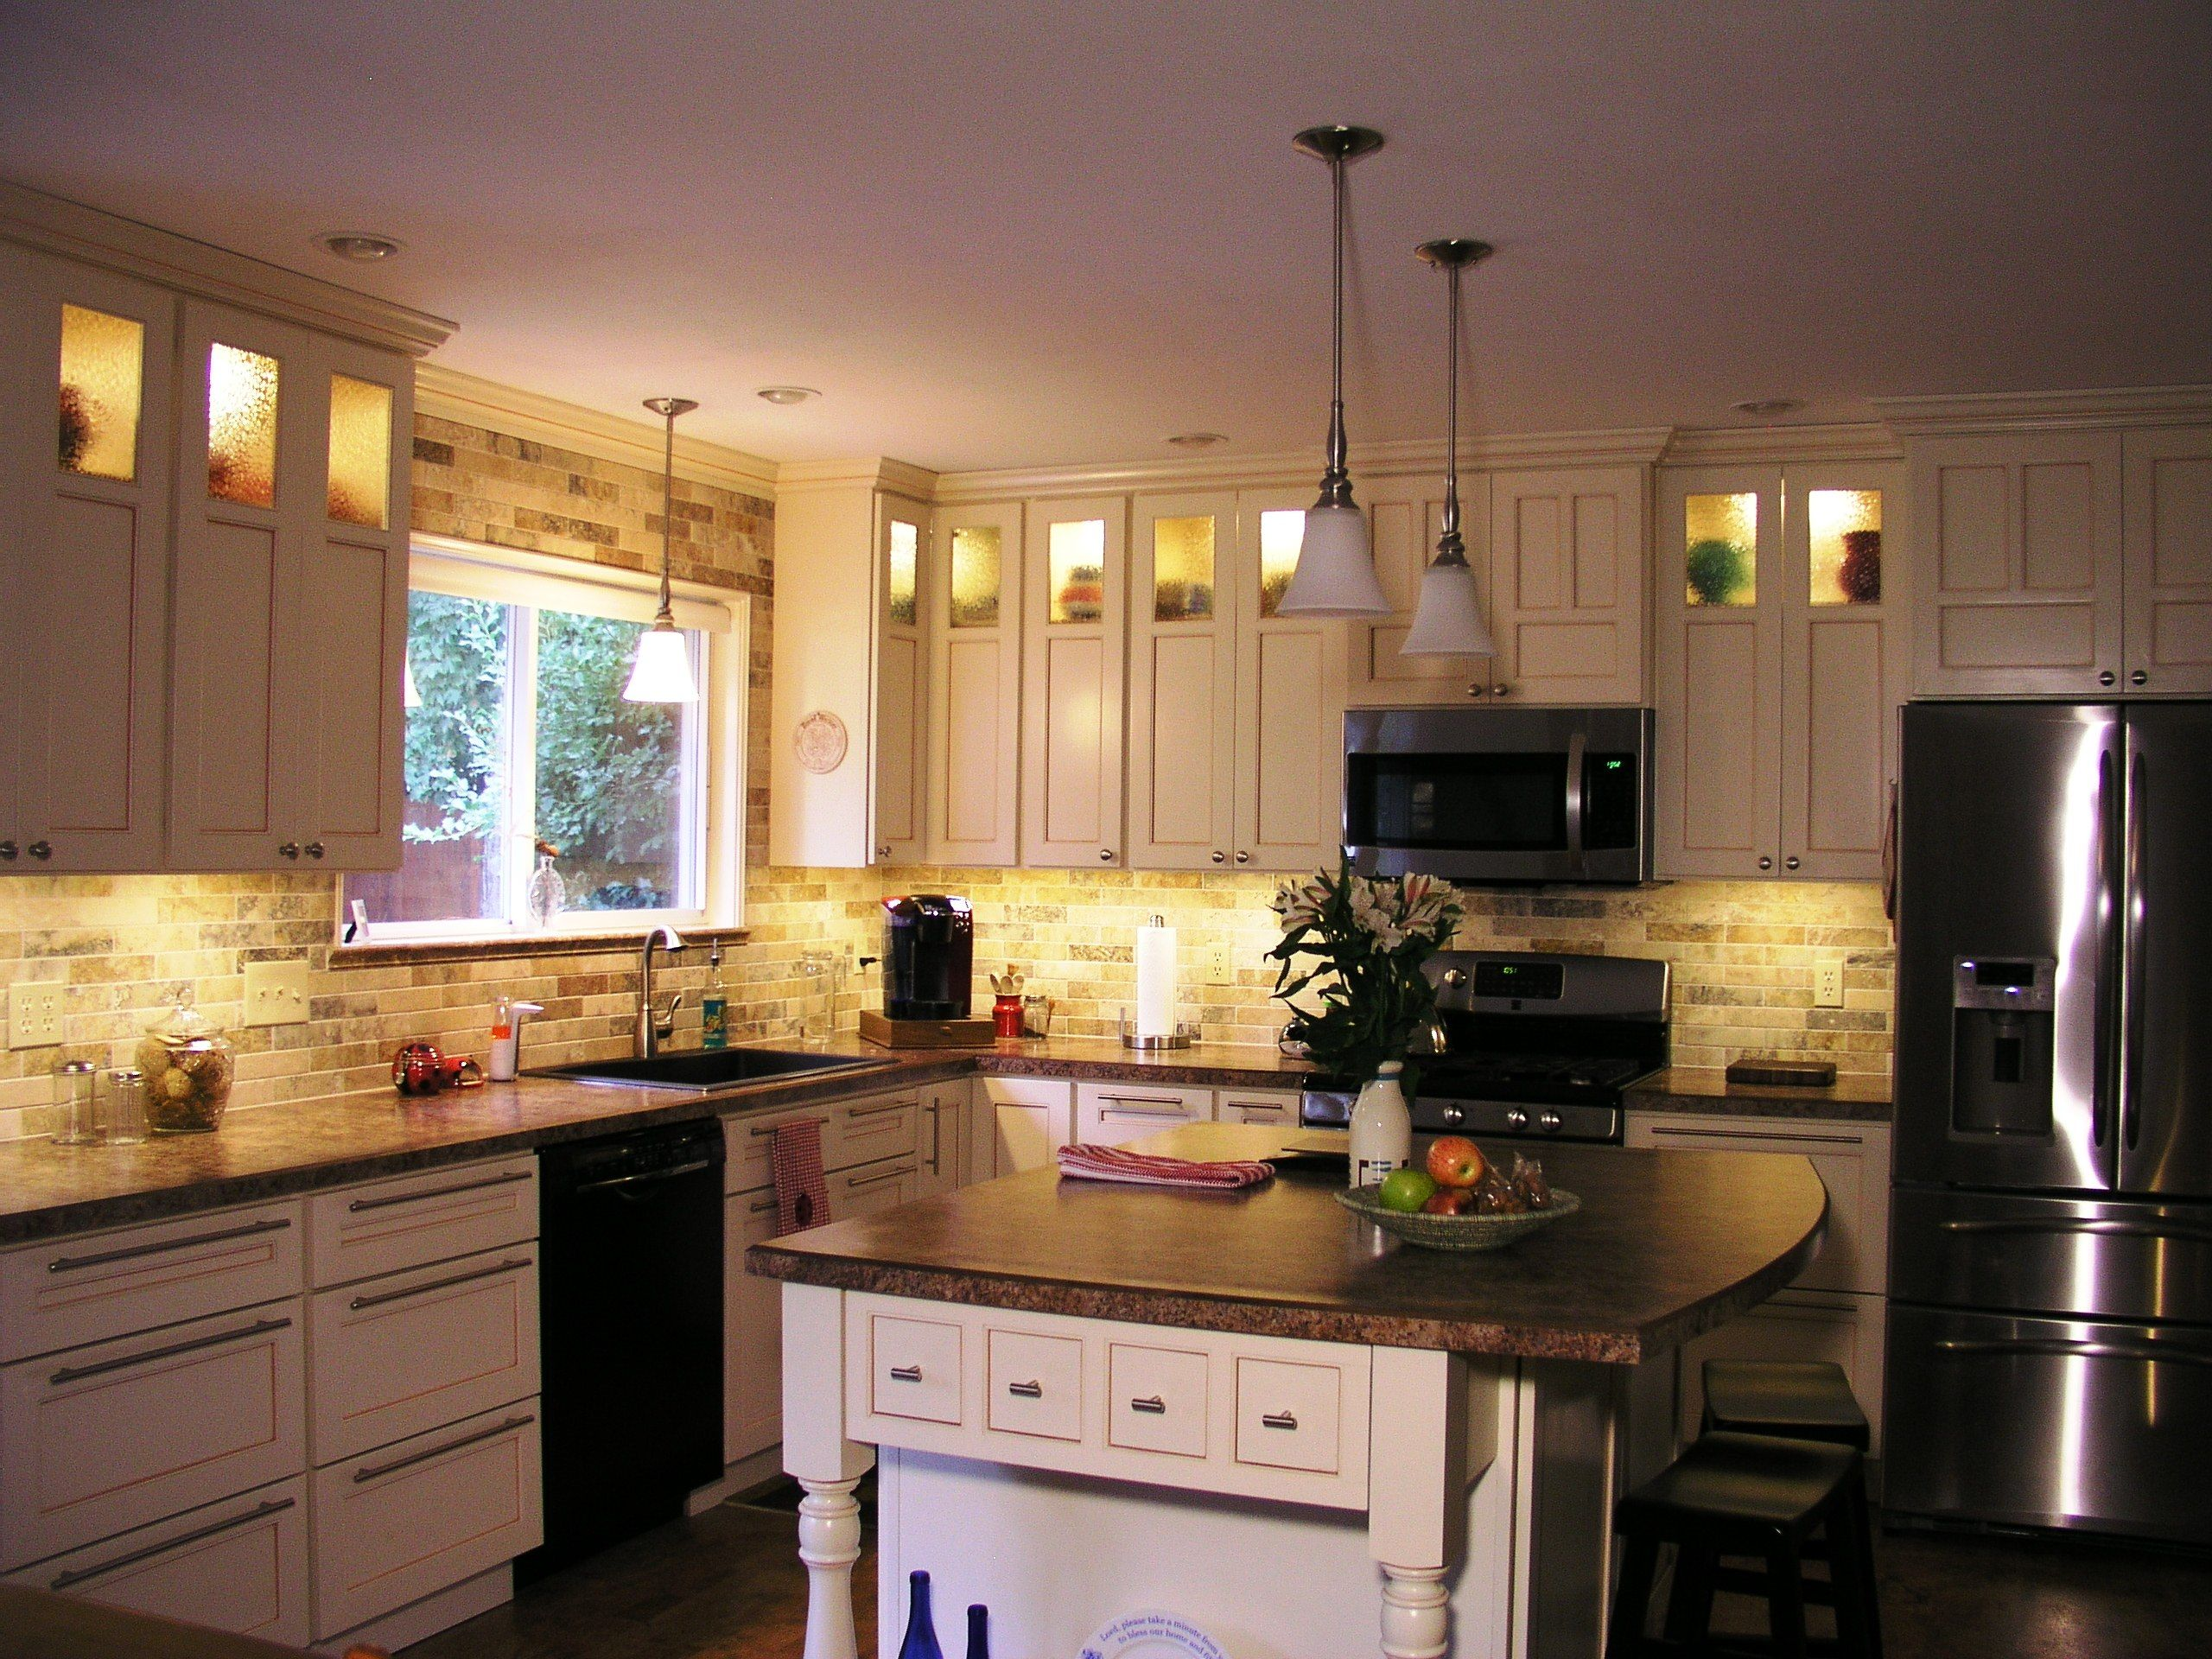 kitchen led strip lighting. Kitchen LED Strip Lighting. Pro Series 21 Super Deluxe Kit In Warm White. Led Lighting R